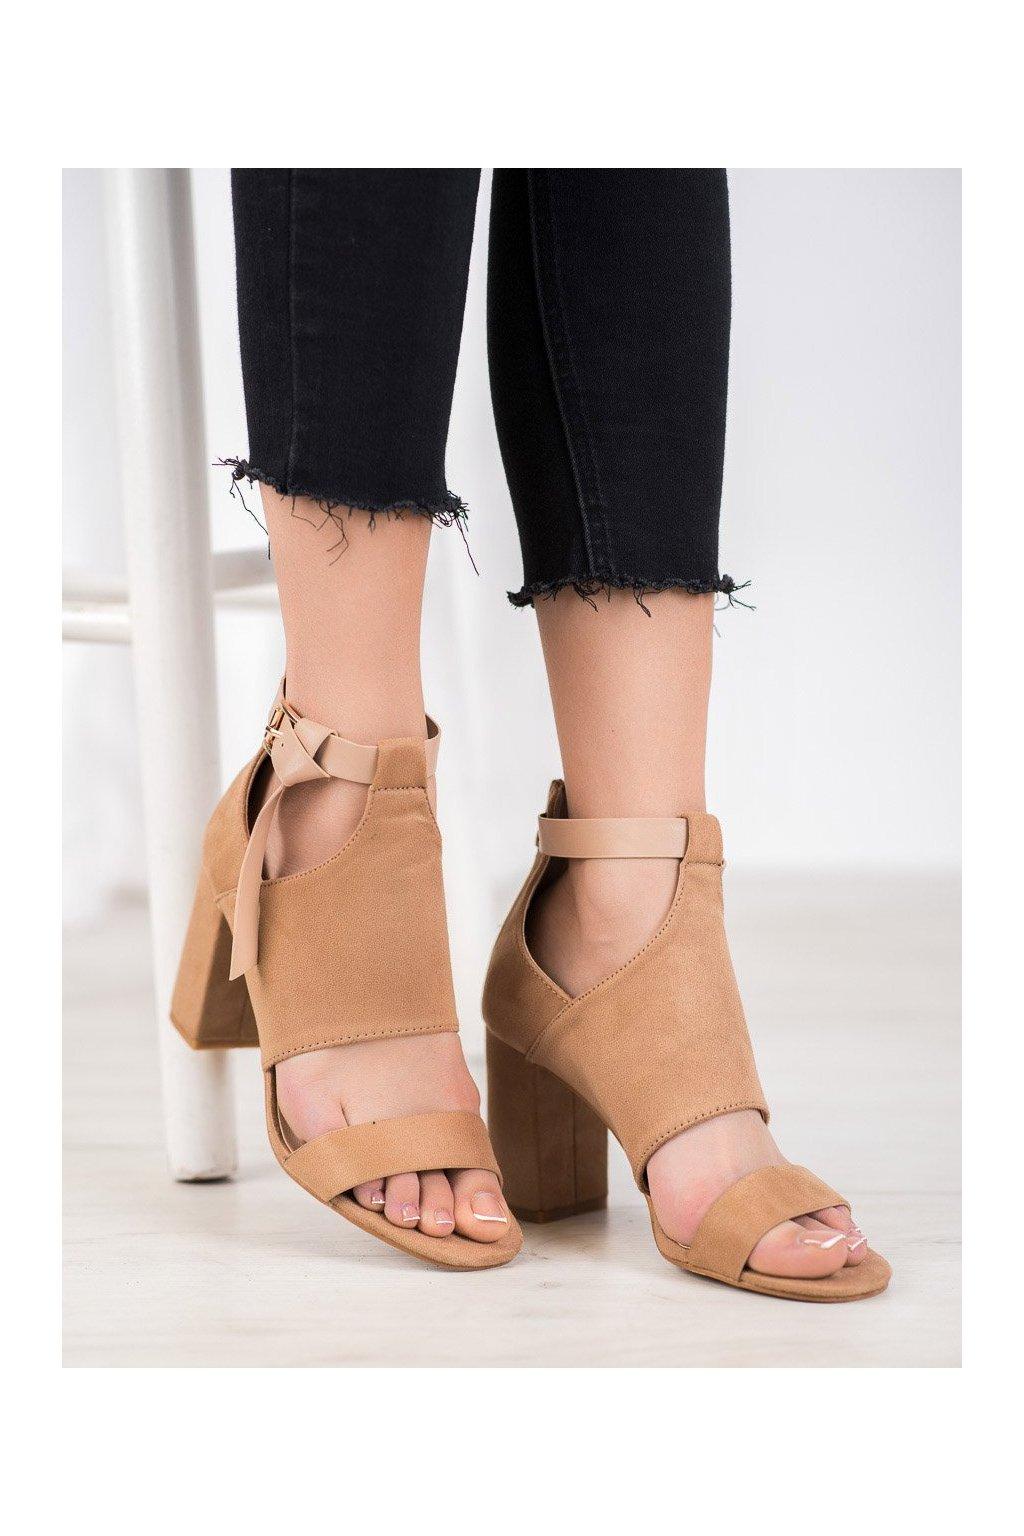 Hnedé sandále Vinceza kod YQE20-17054BE